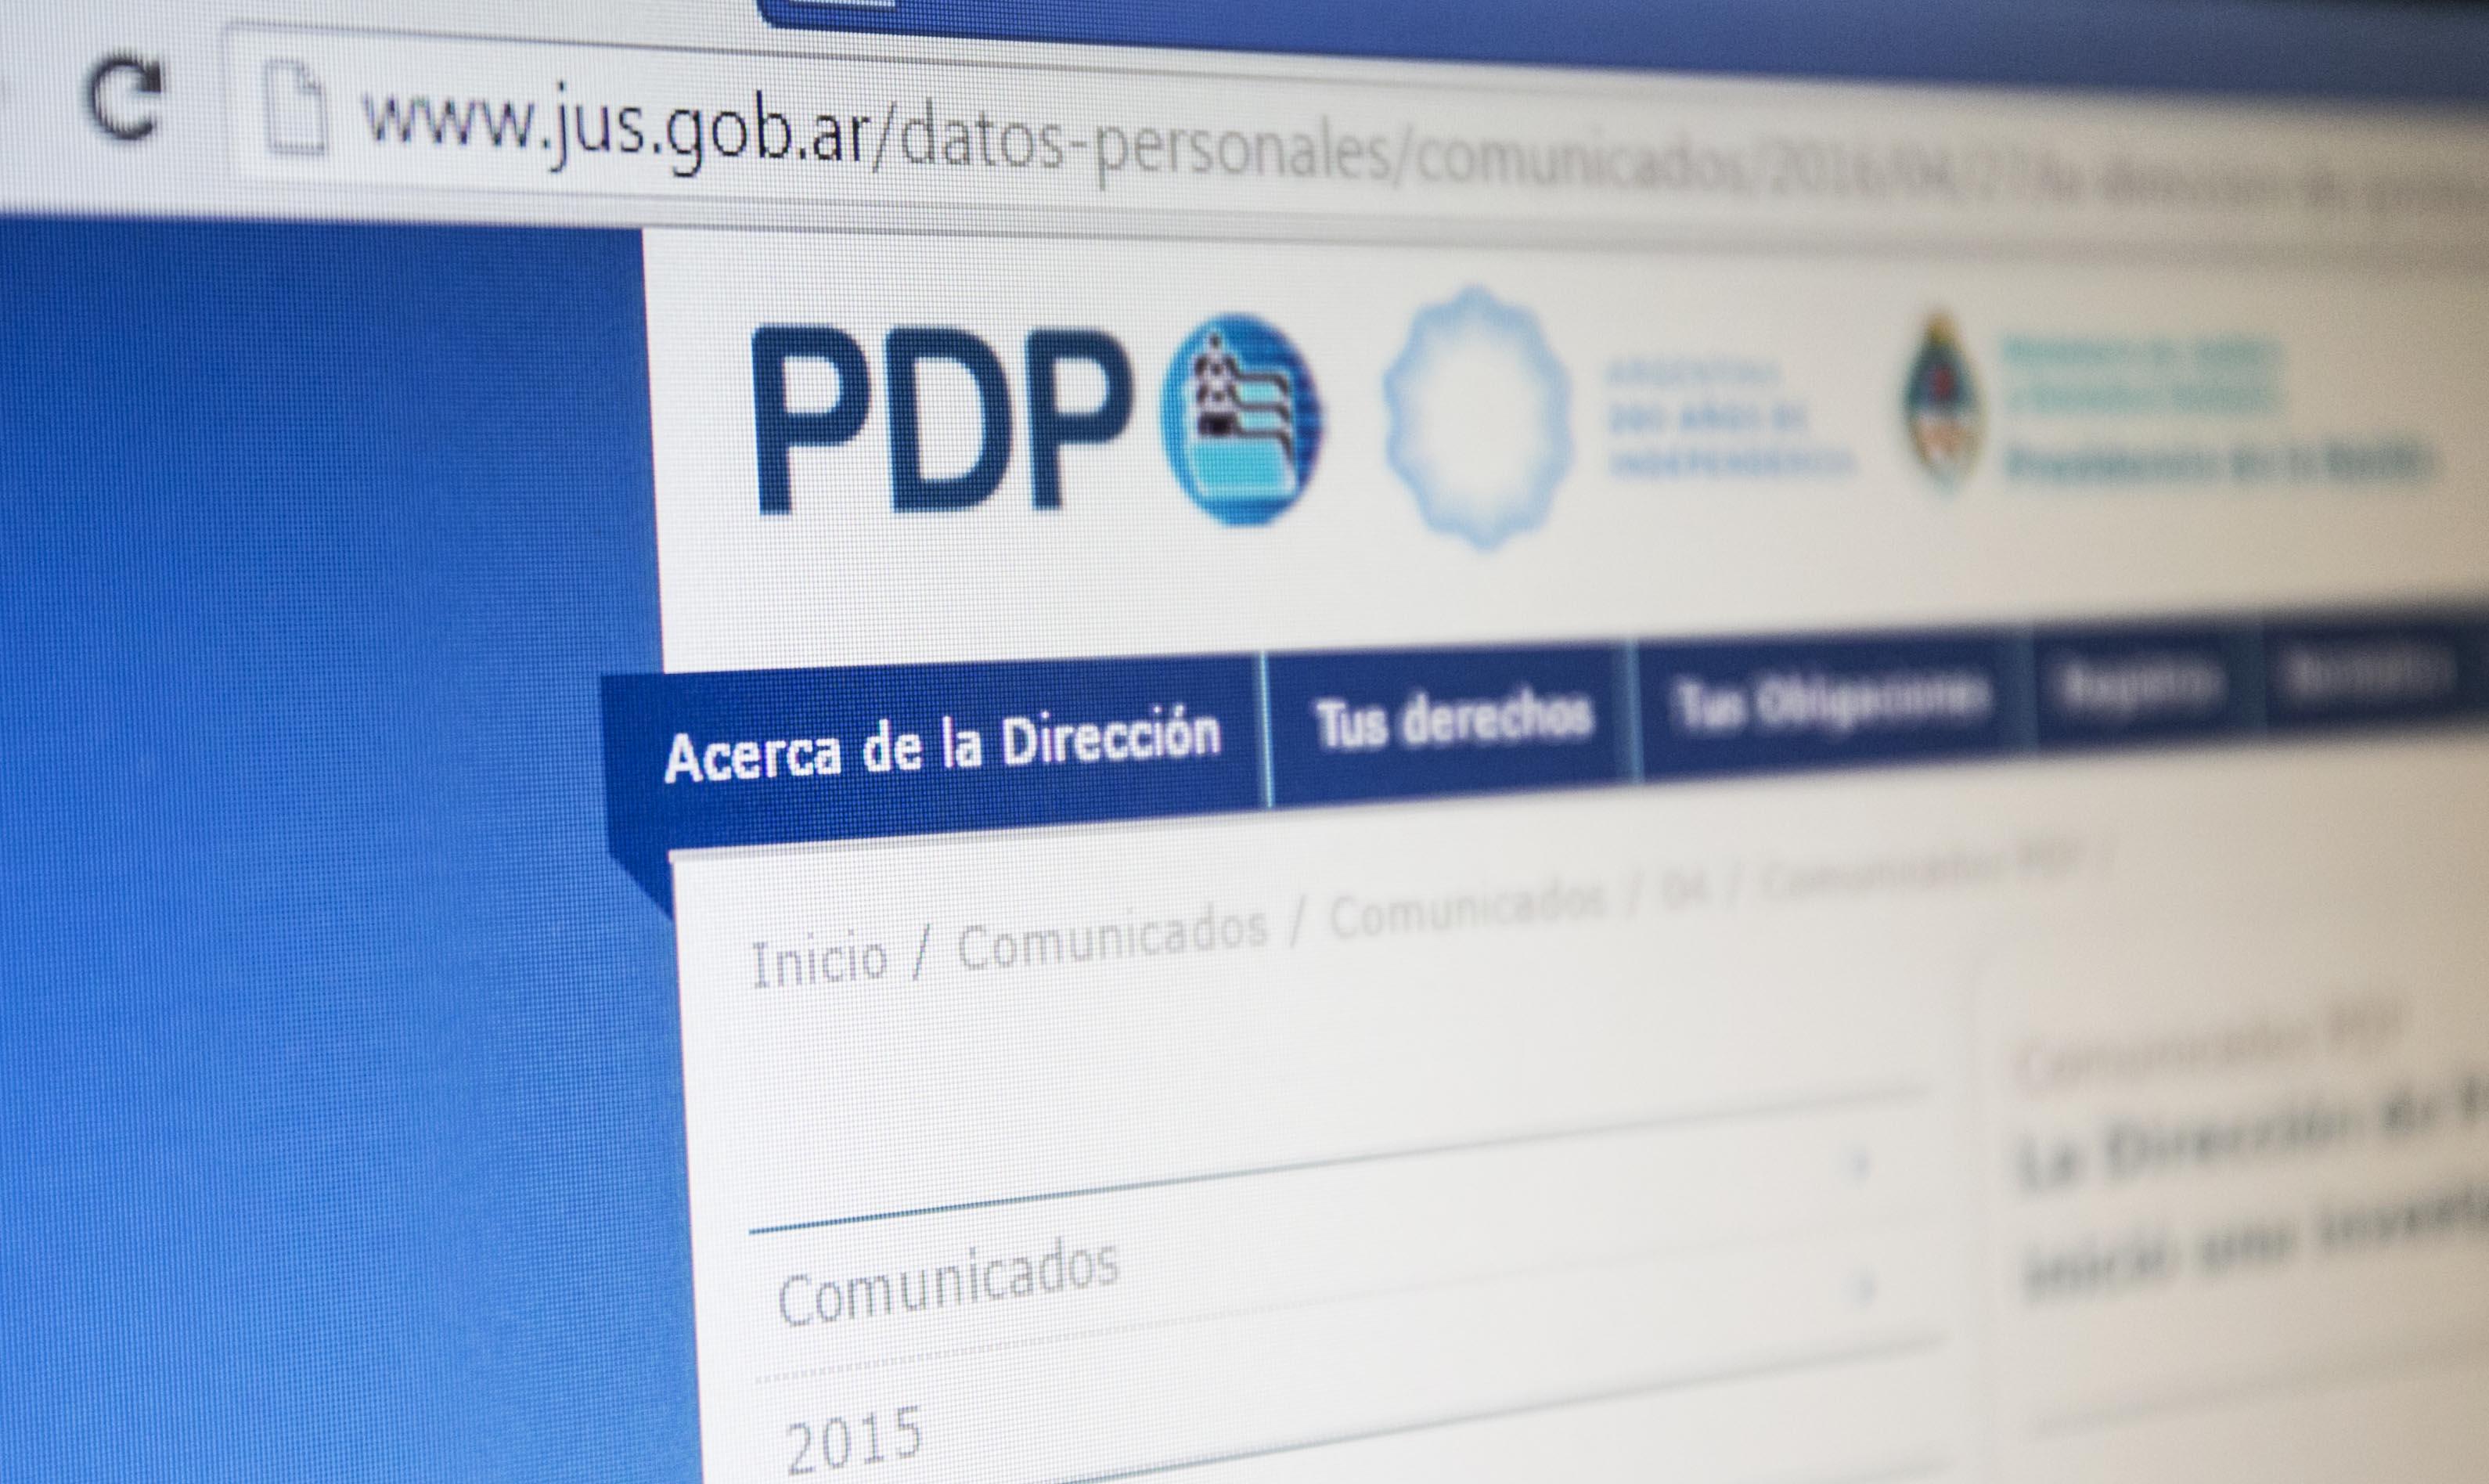 Datos Personales en el Comité Ejecutivo de la Red Iberoamericana de Protección de Datos